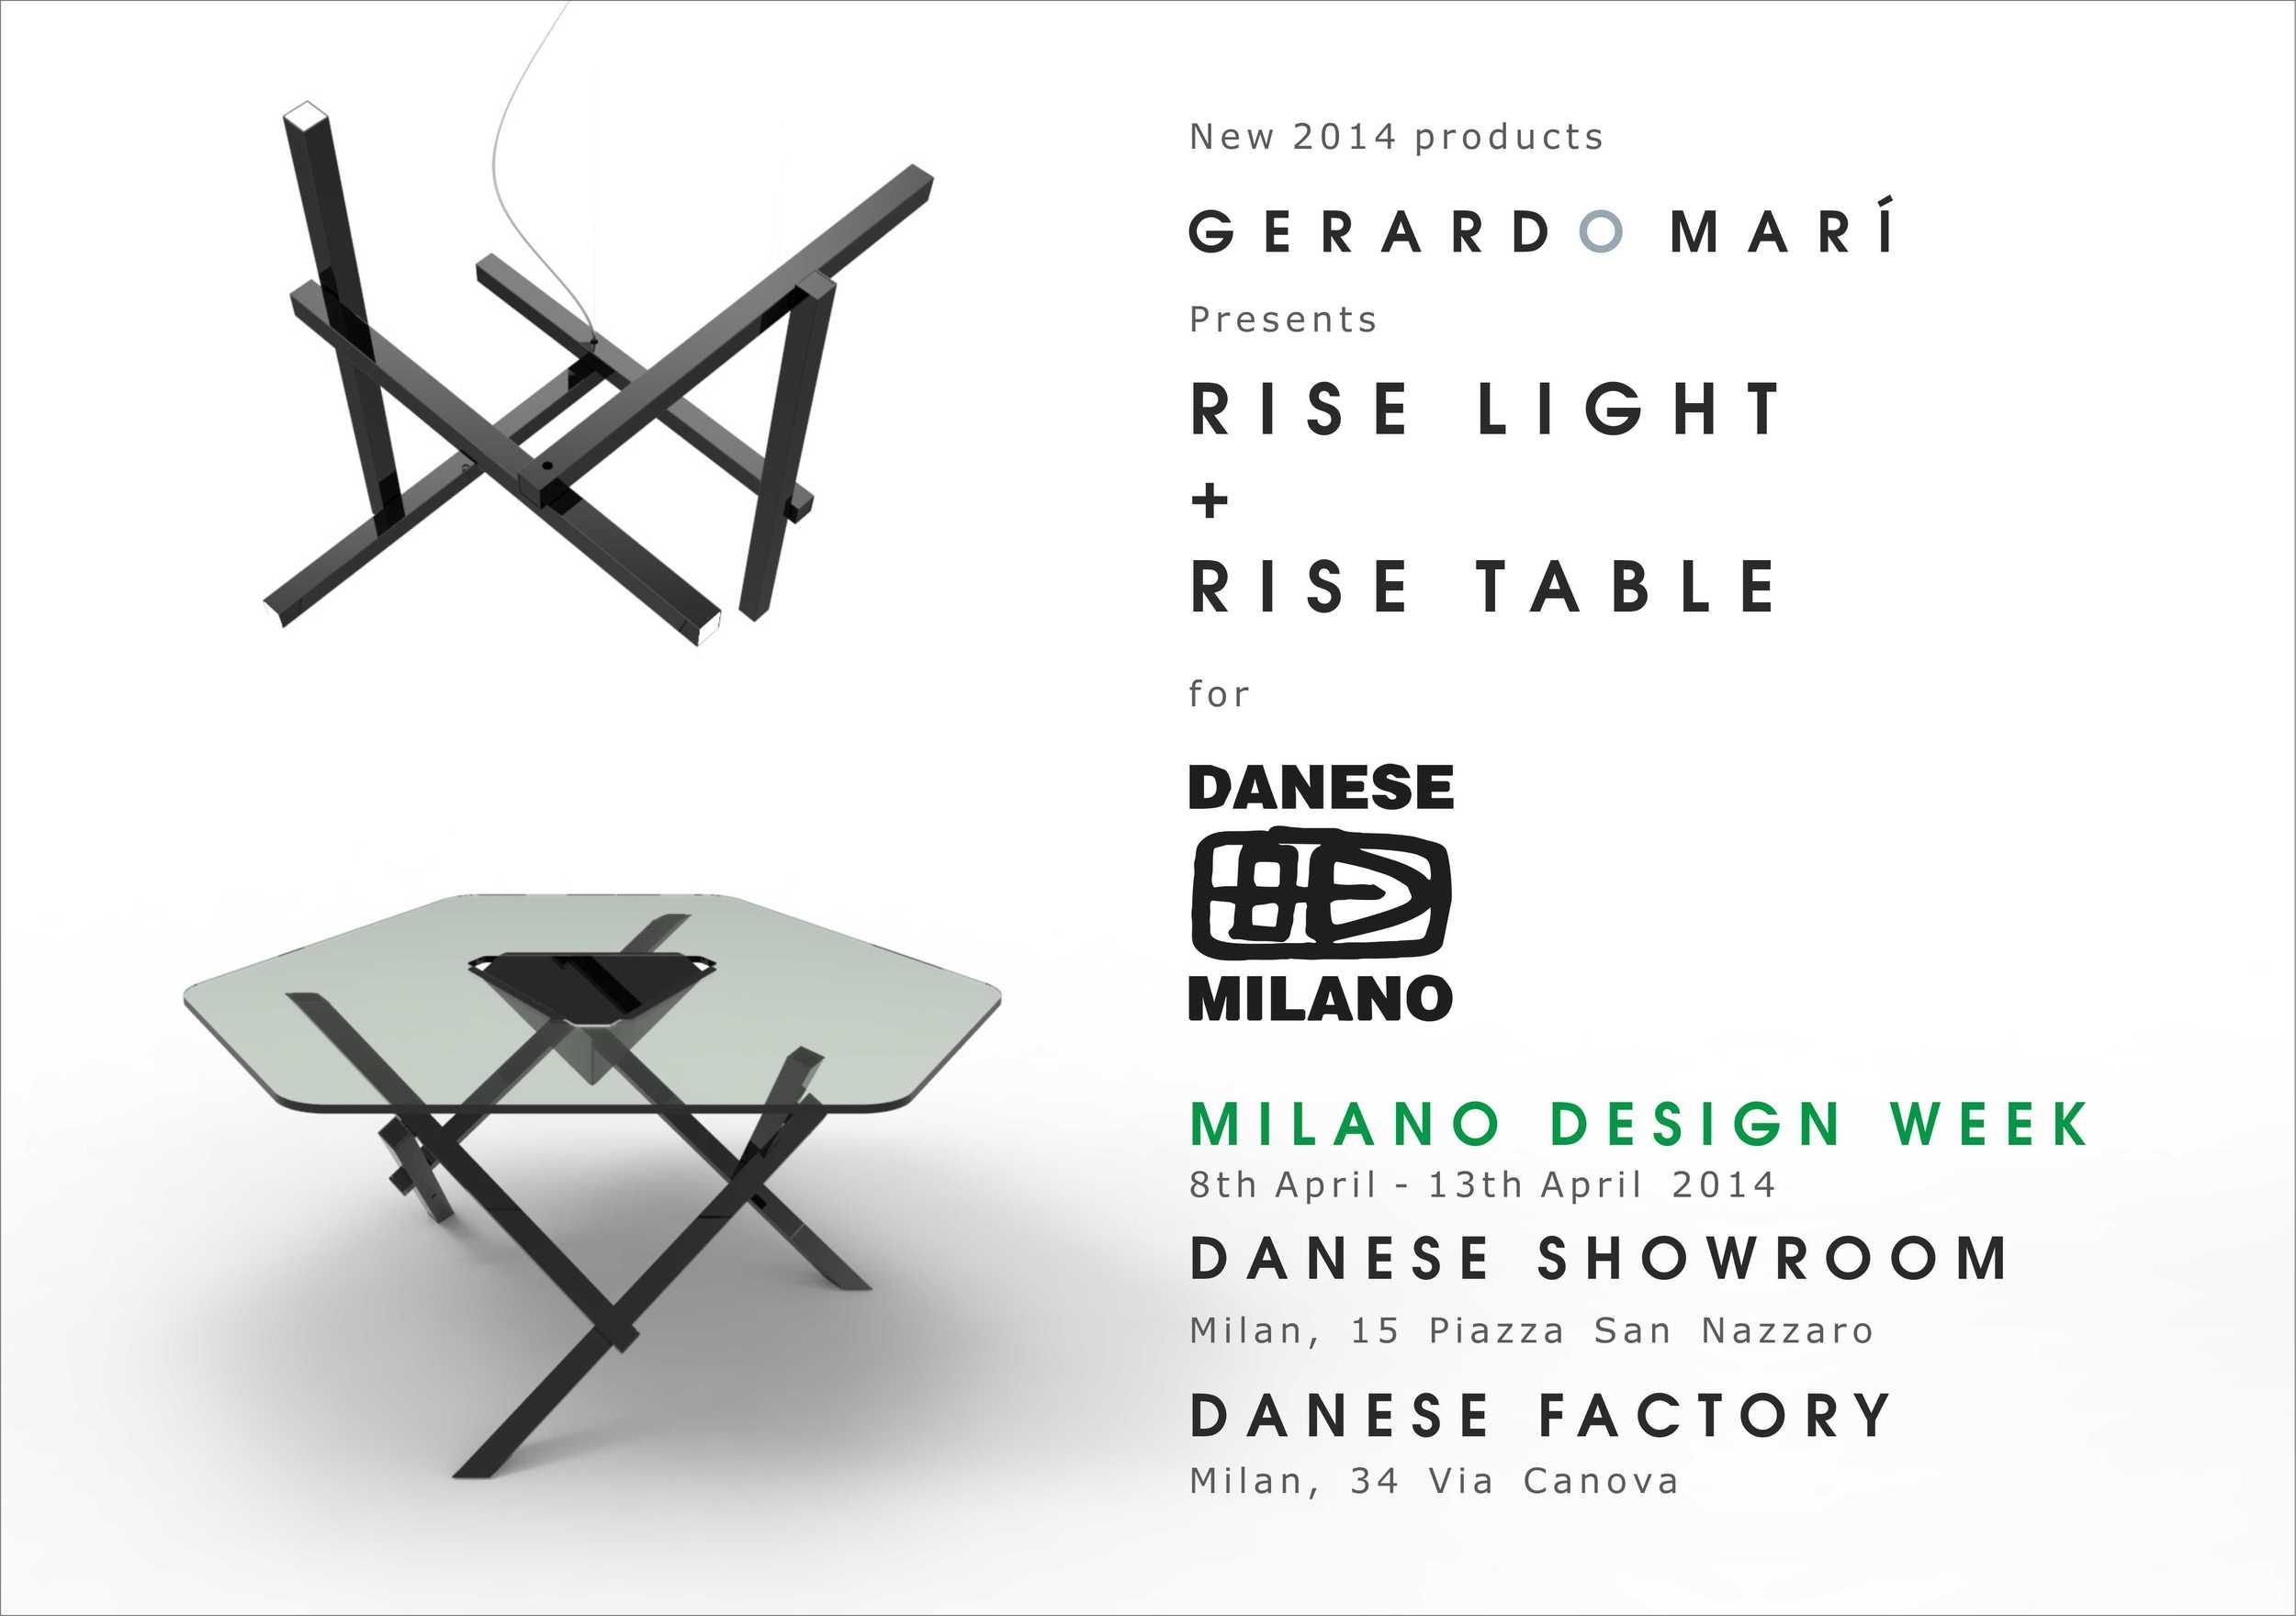 gerardo mari milan design week 2014 rise light table